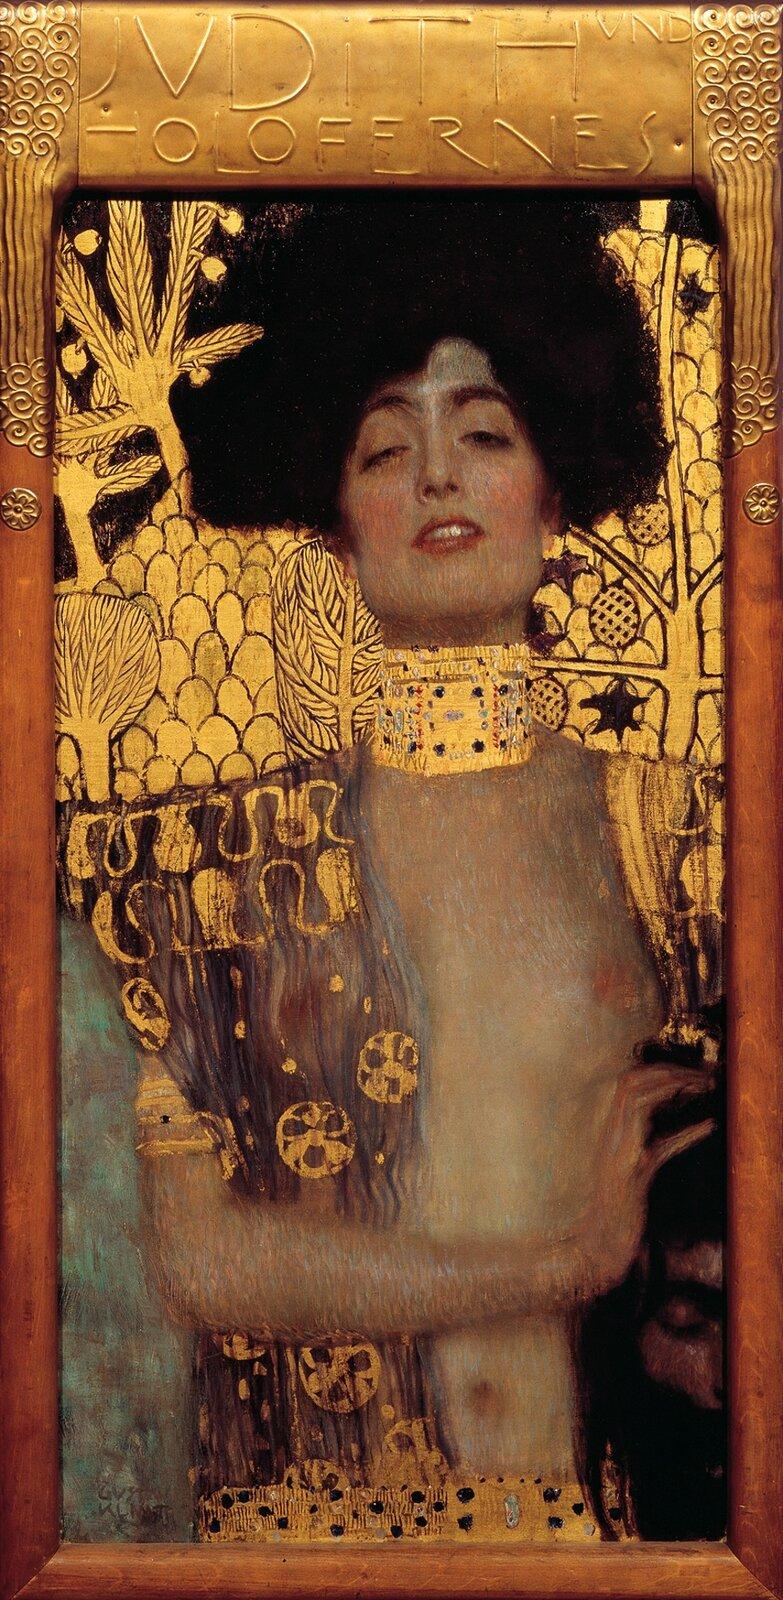 """Ilustracja przedstawia obraz """"Judyta iHolofernes I"""" autorstwa Gustawa Klimty. Obraz ukazuje kobietę ujętą od pasa wgórę. Kobieta ma na sobie szatę, która odsłania nagą pierś. Kobieta wrękach trzyma głowę mężczyzny zczarnymi włosami izarostem."""